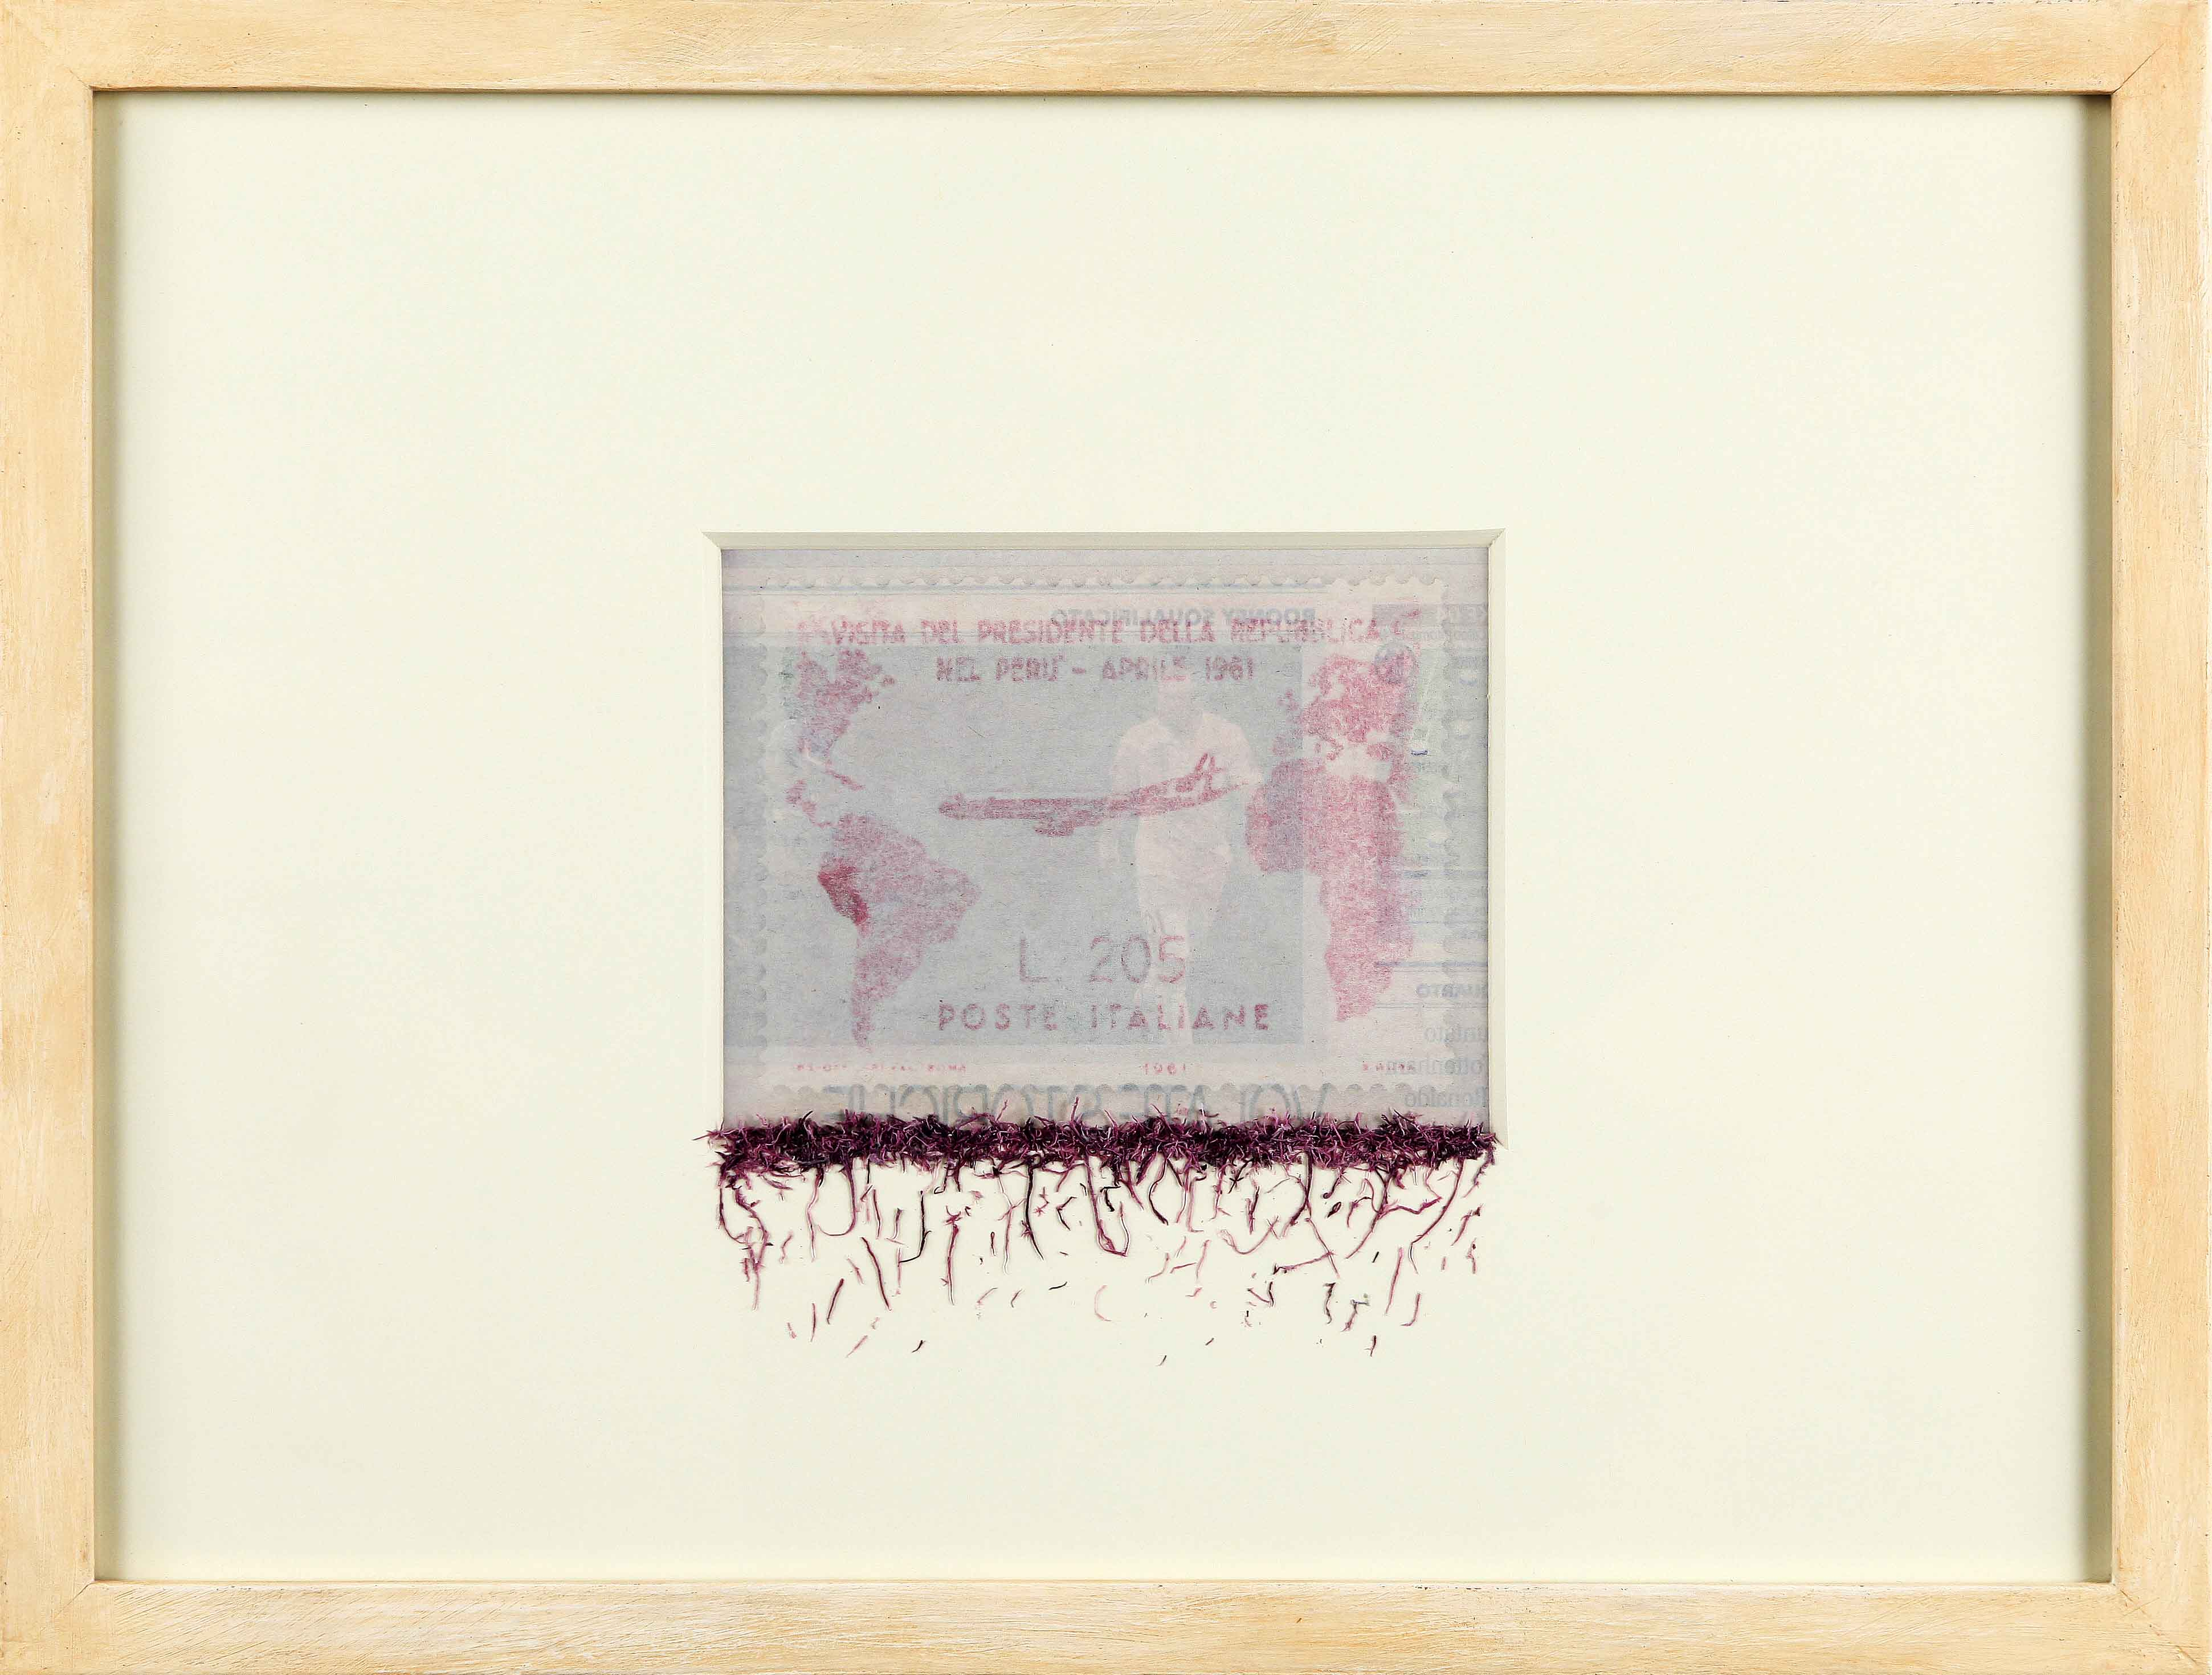 gronchi-rosa-5-aprile-1961-30x40-2015-fotografia-editoriale-cancellata-trucioli-di-gomma-contenenti-parte-dellimmagine